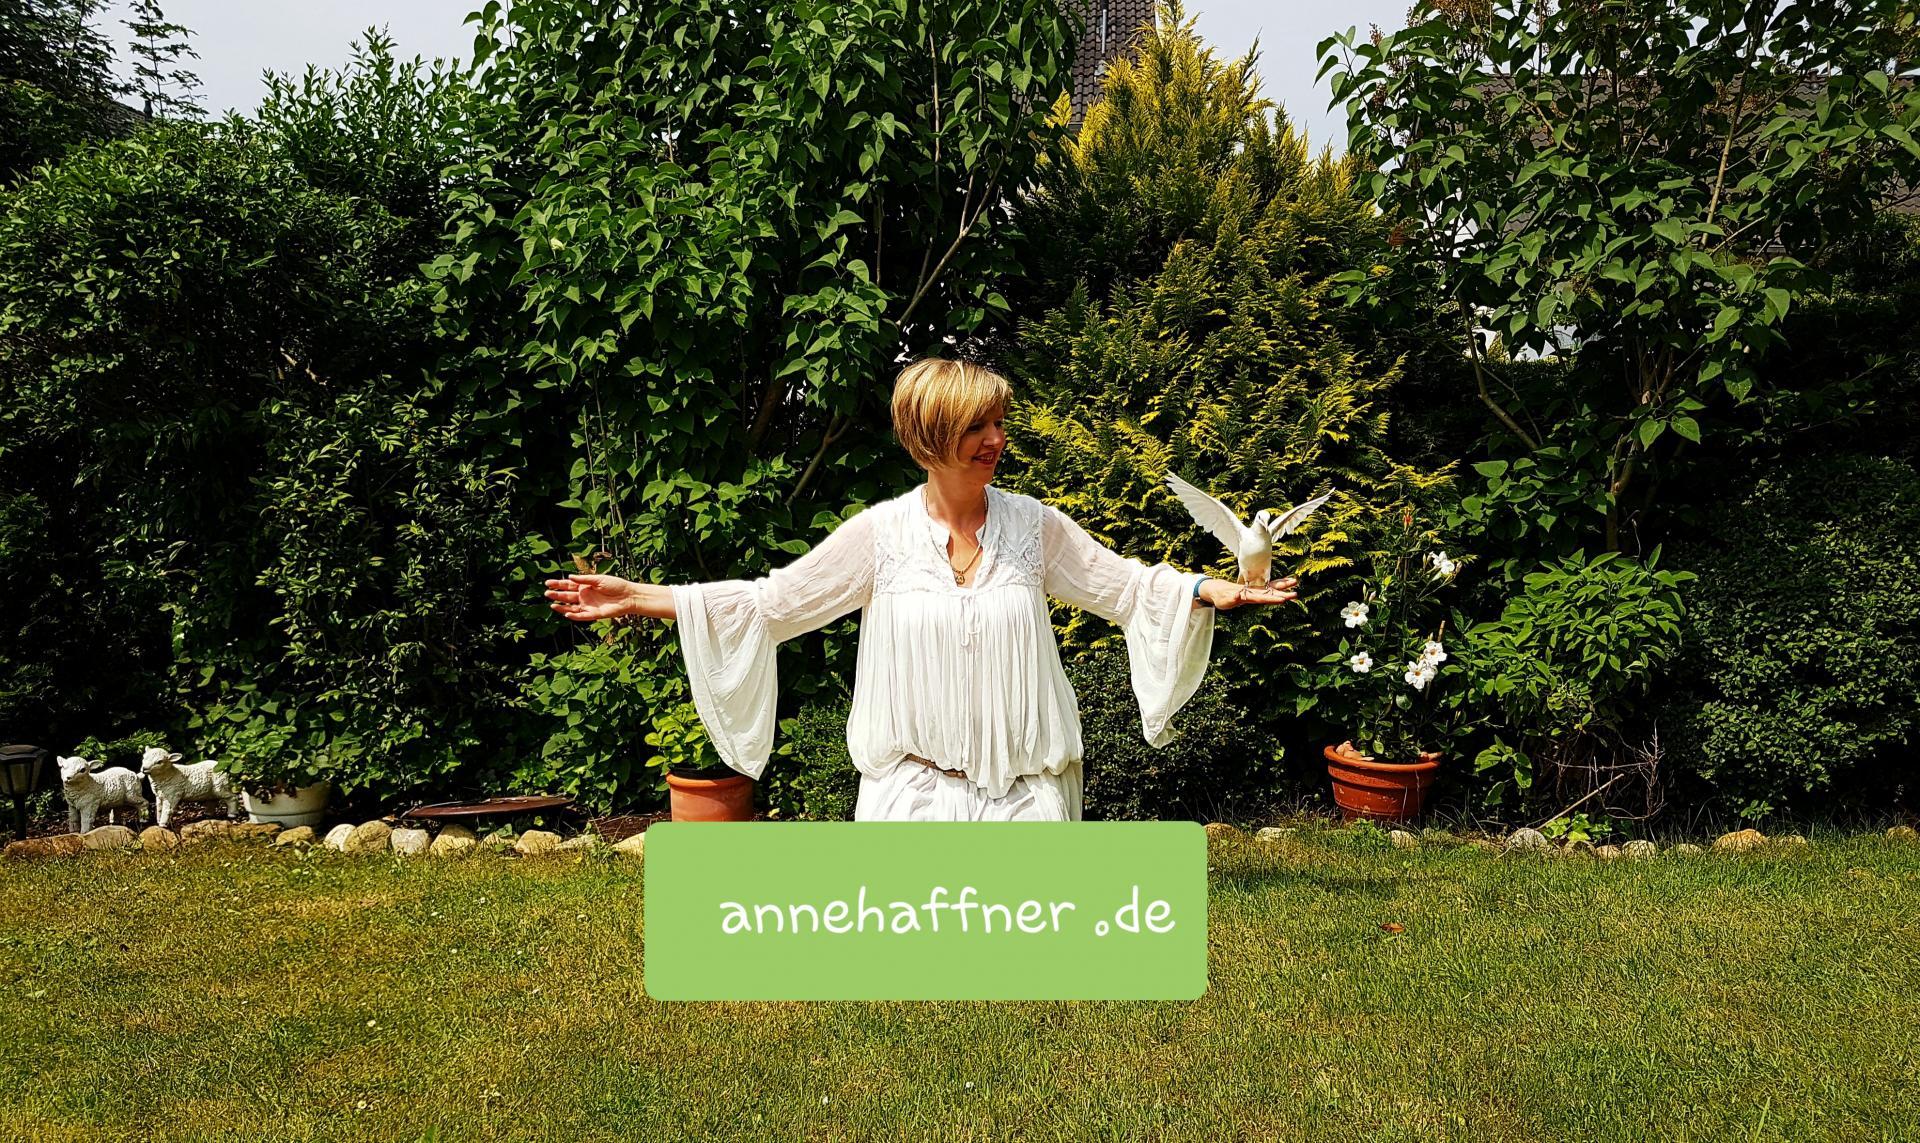 Anne weiss Taube Sommer.jpg